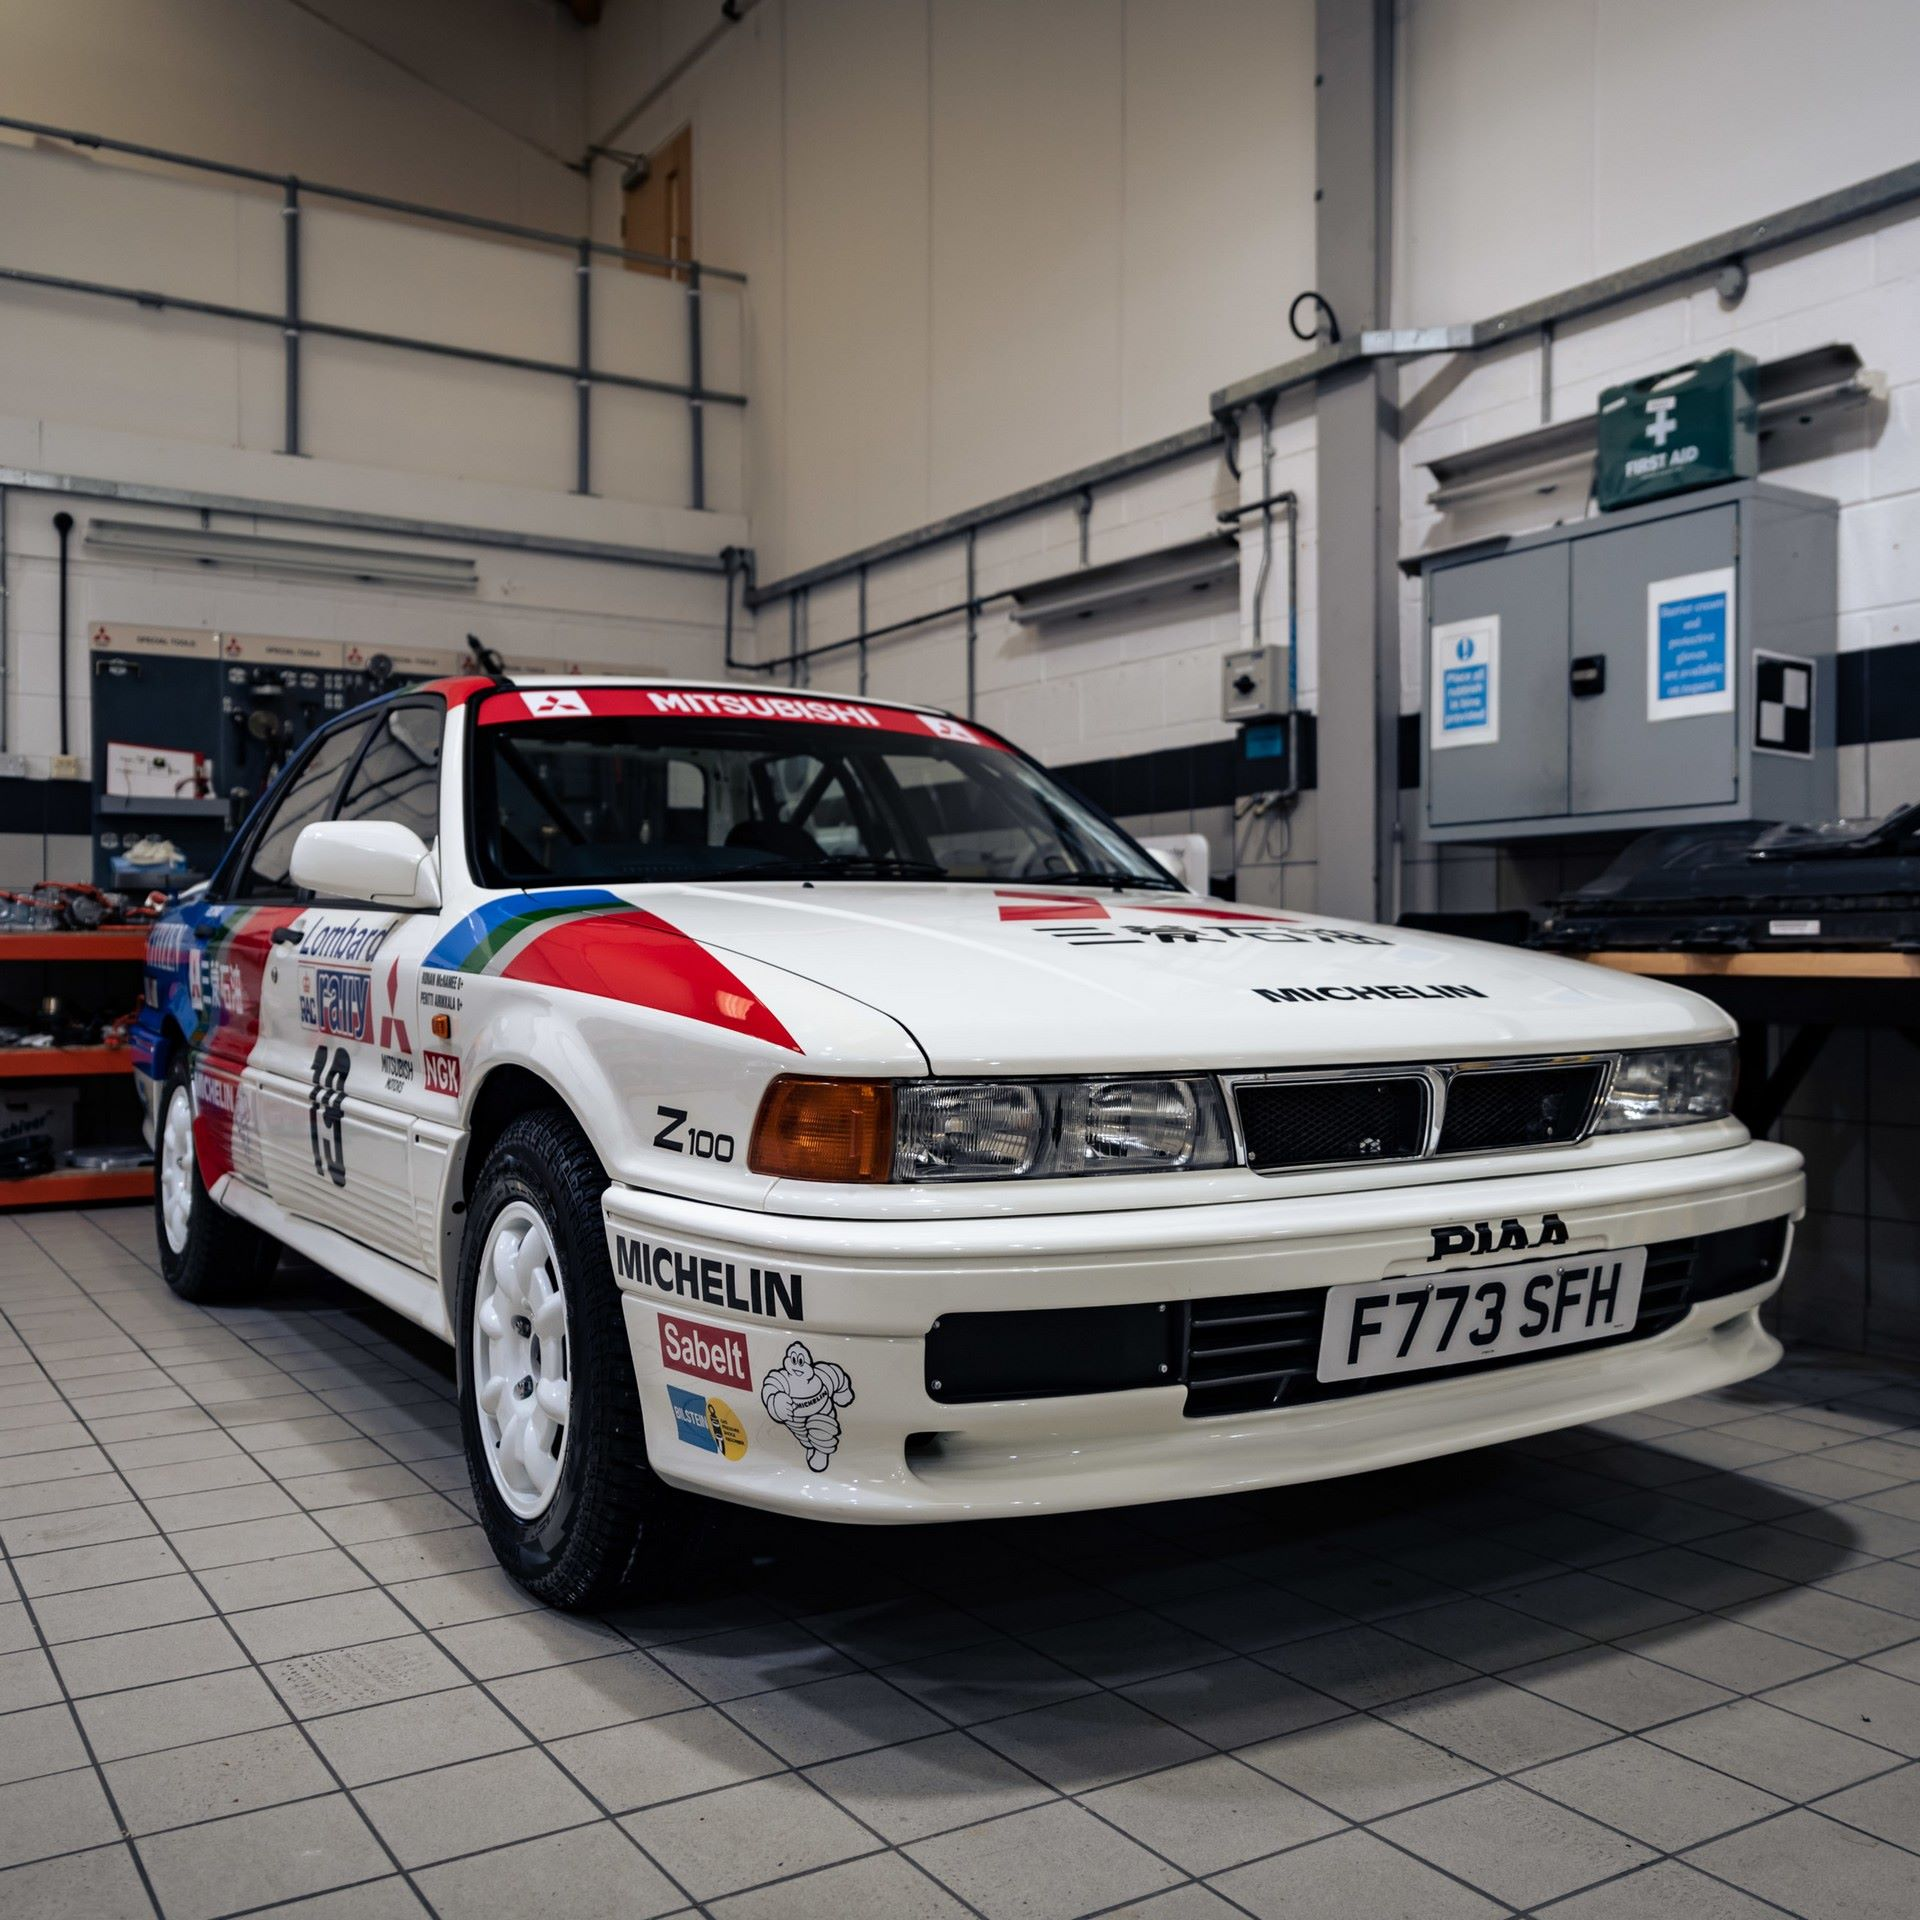 Mitsubishi-UK-fleet-auction-59